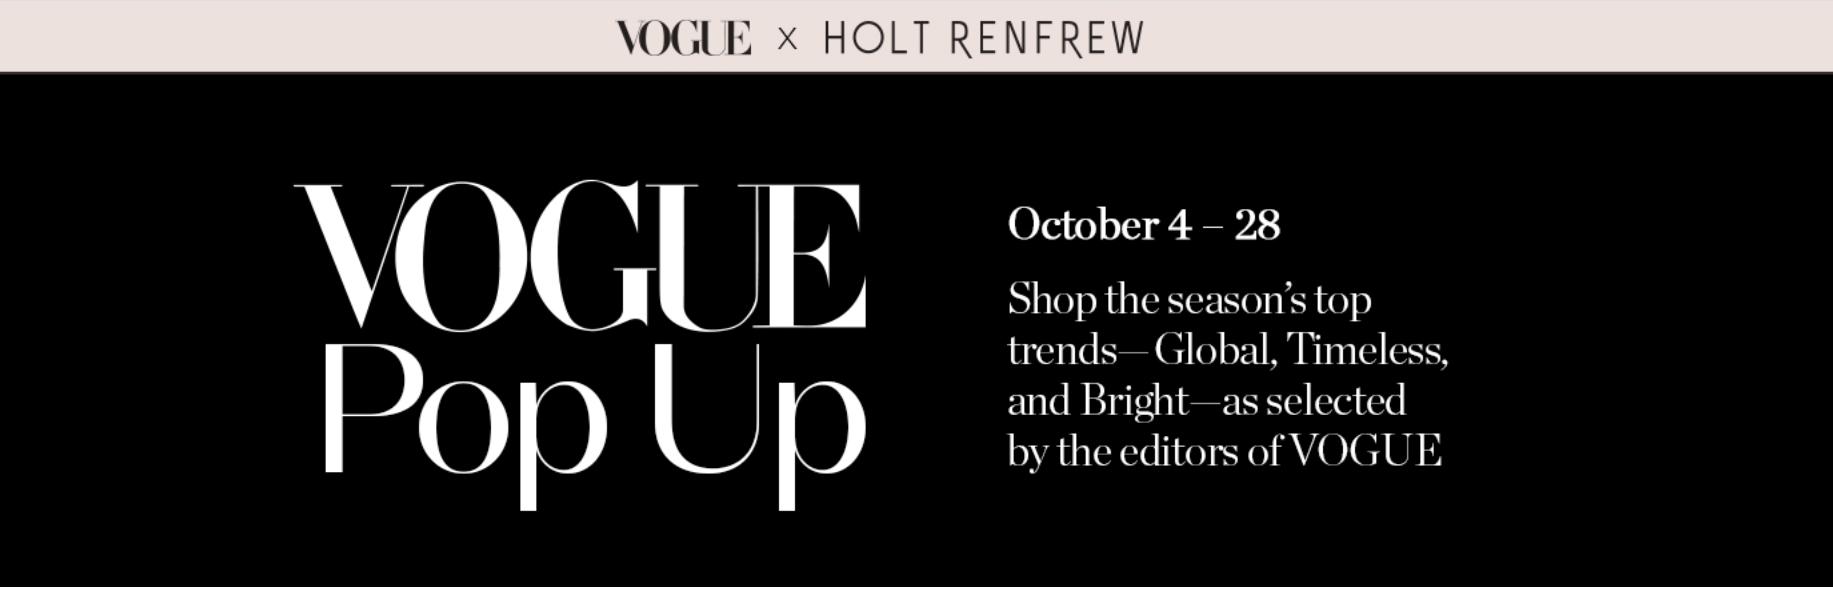 Holt Renfrew x Vogue